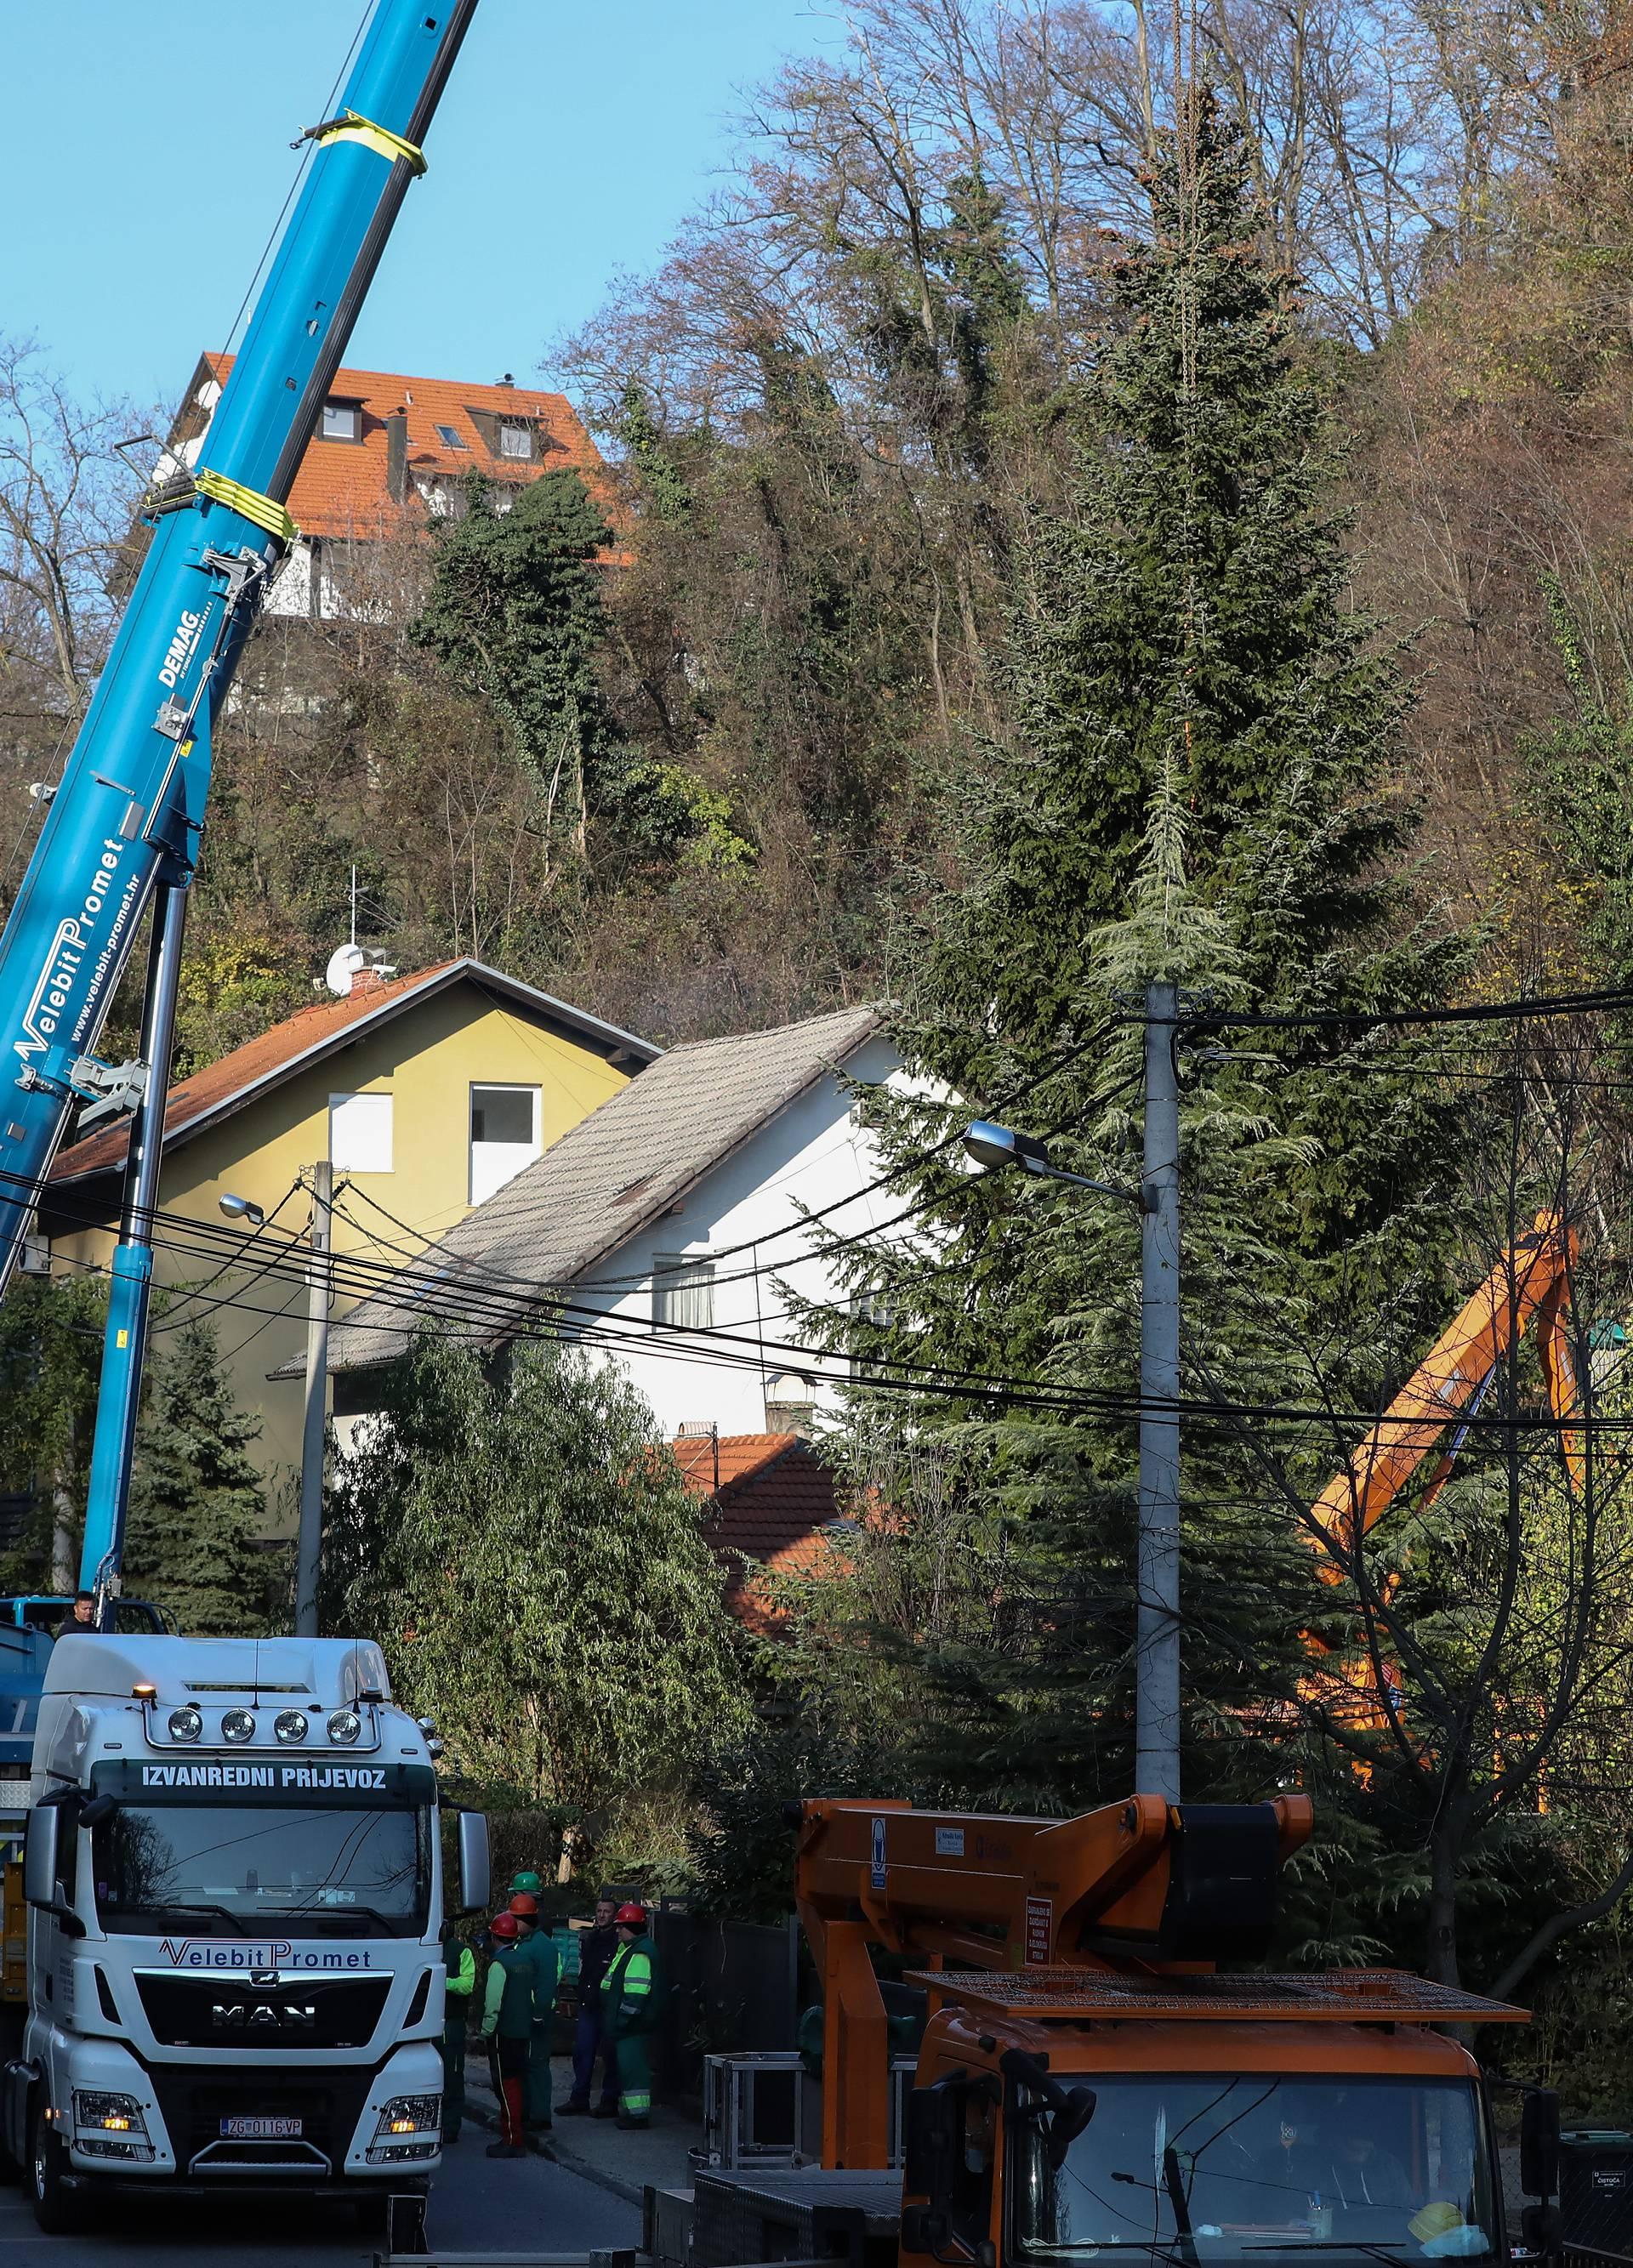 Zagreb: Donirao 20-metarski bor iz svog dvorišta koji će ukrašavati Jelačićev trg tijekom blagdana